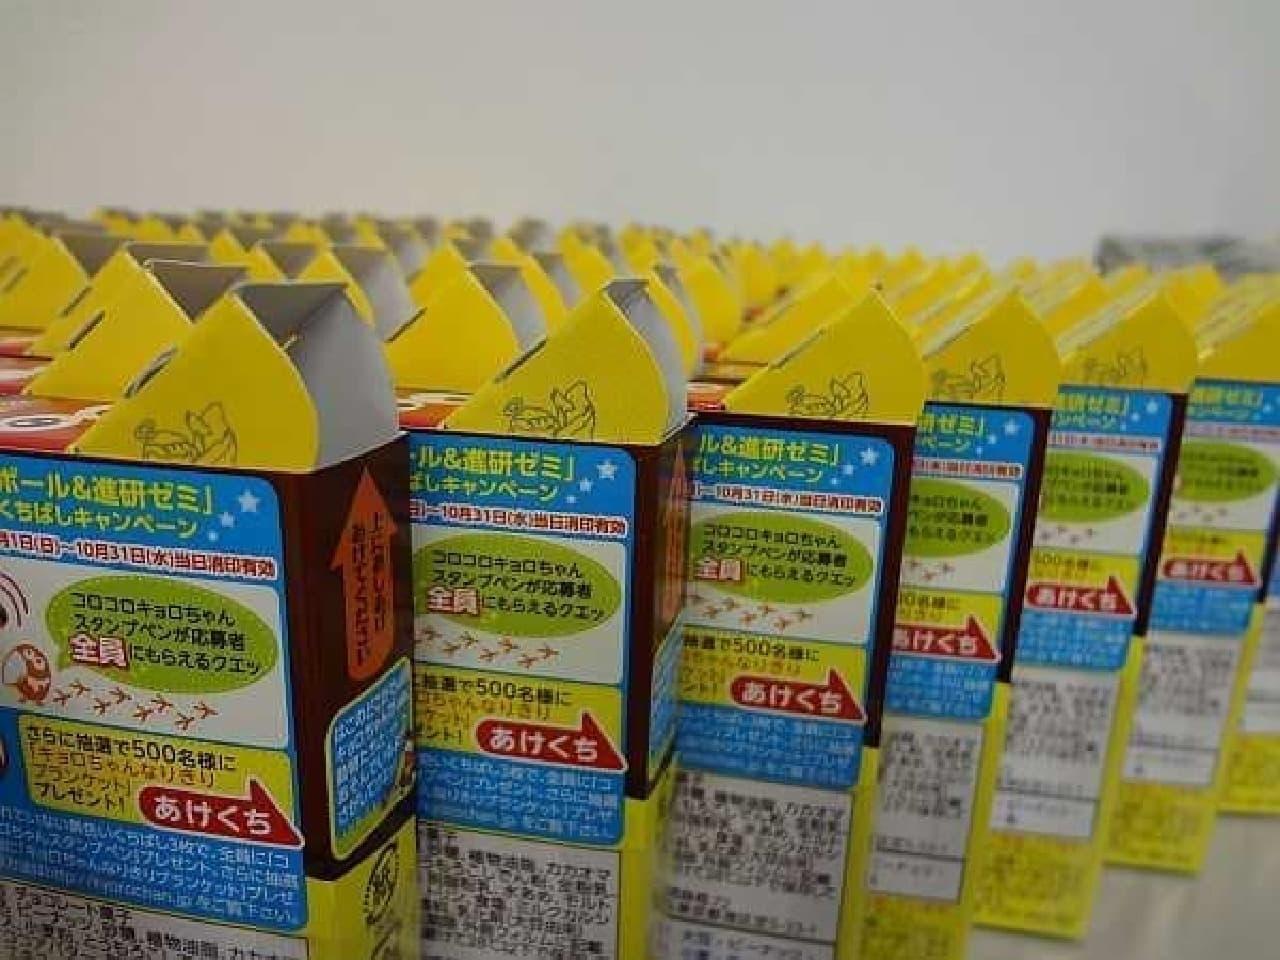 100箱の森永チョコボールから発見されたエンゼルの枚数は「銀のエンゼル」が5枚